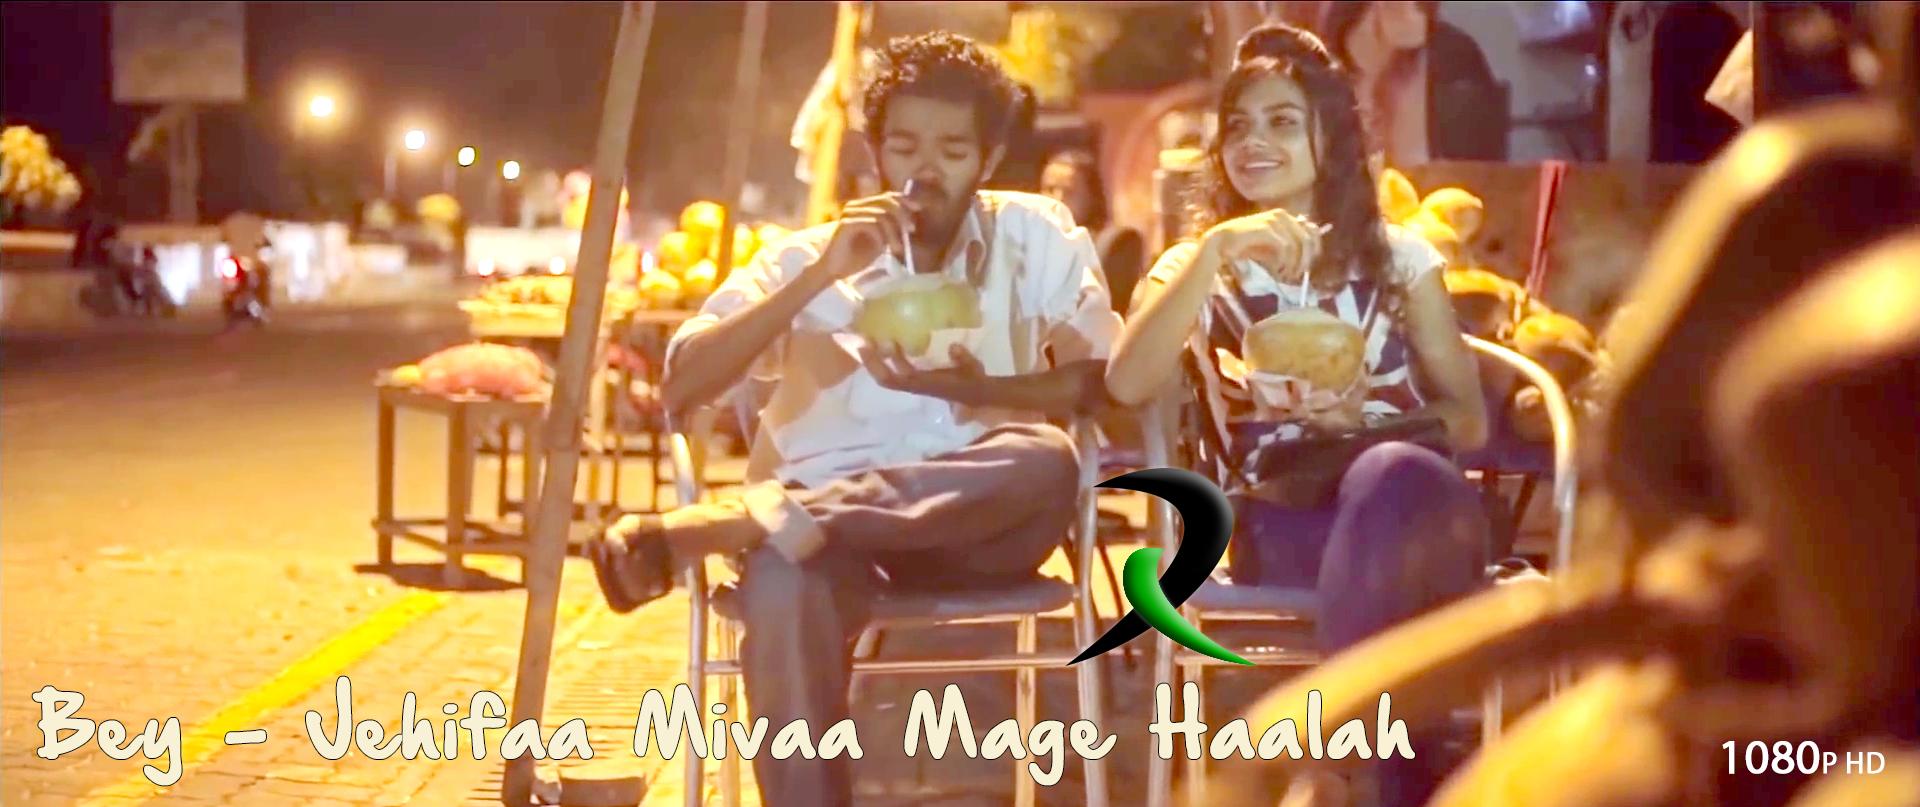 Bey - Jehifaa Mivaa Mage Haalah (2014) WEBRip x264-DhiRLS